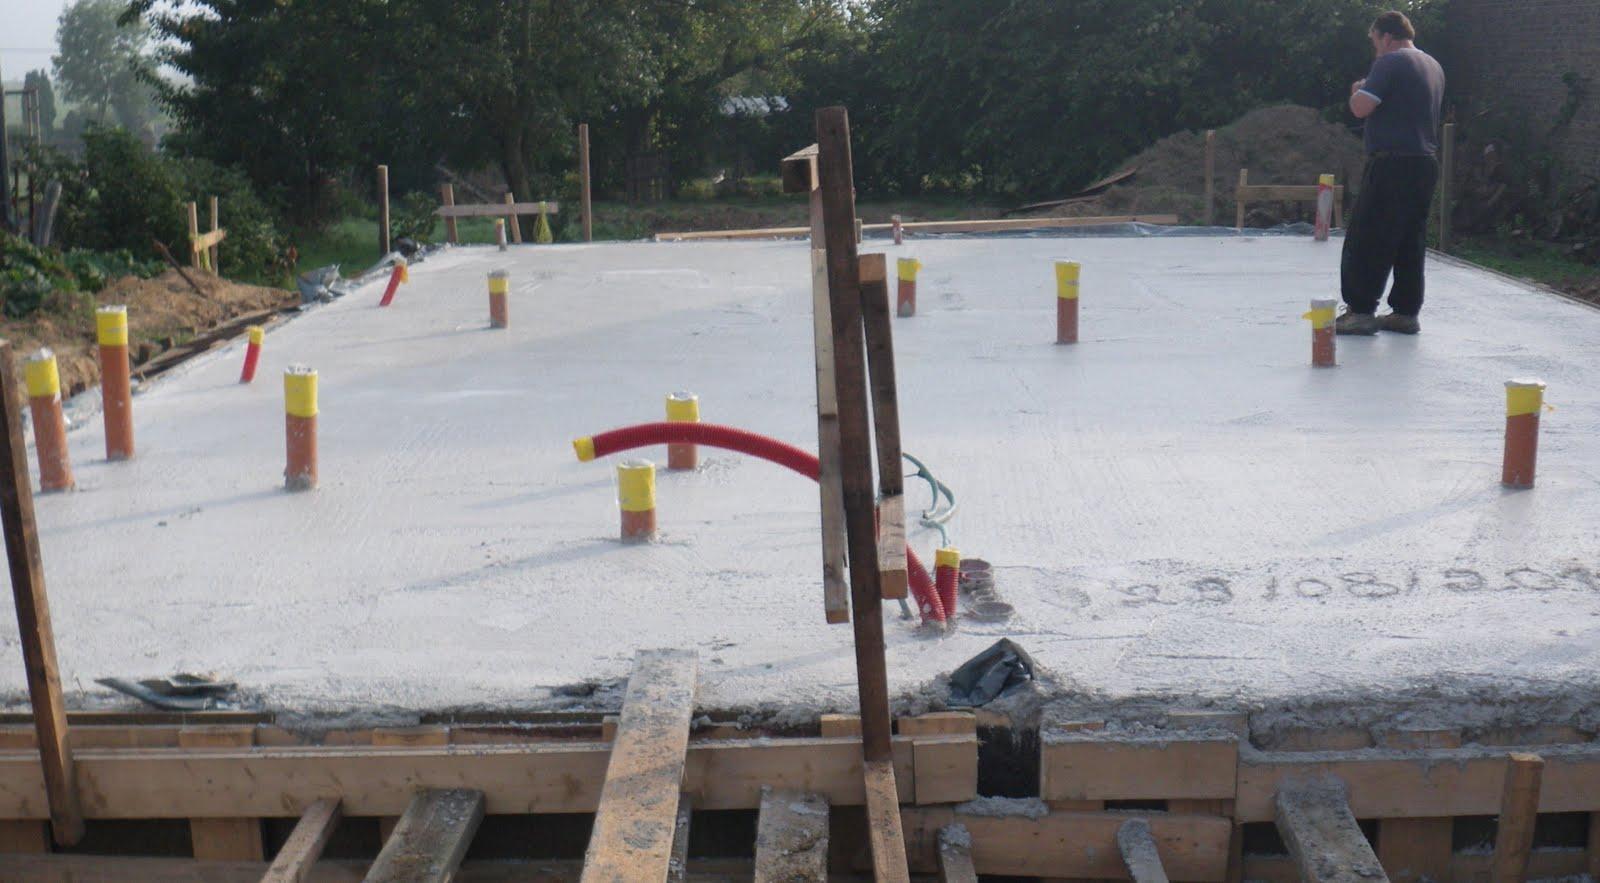 Maison paille et bois etape 3 les fondations phase 4 la dalle en b ton - Temps de sechage dalle beton pour marcher dessus ...